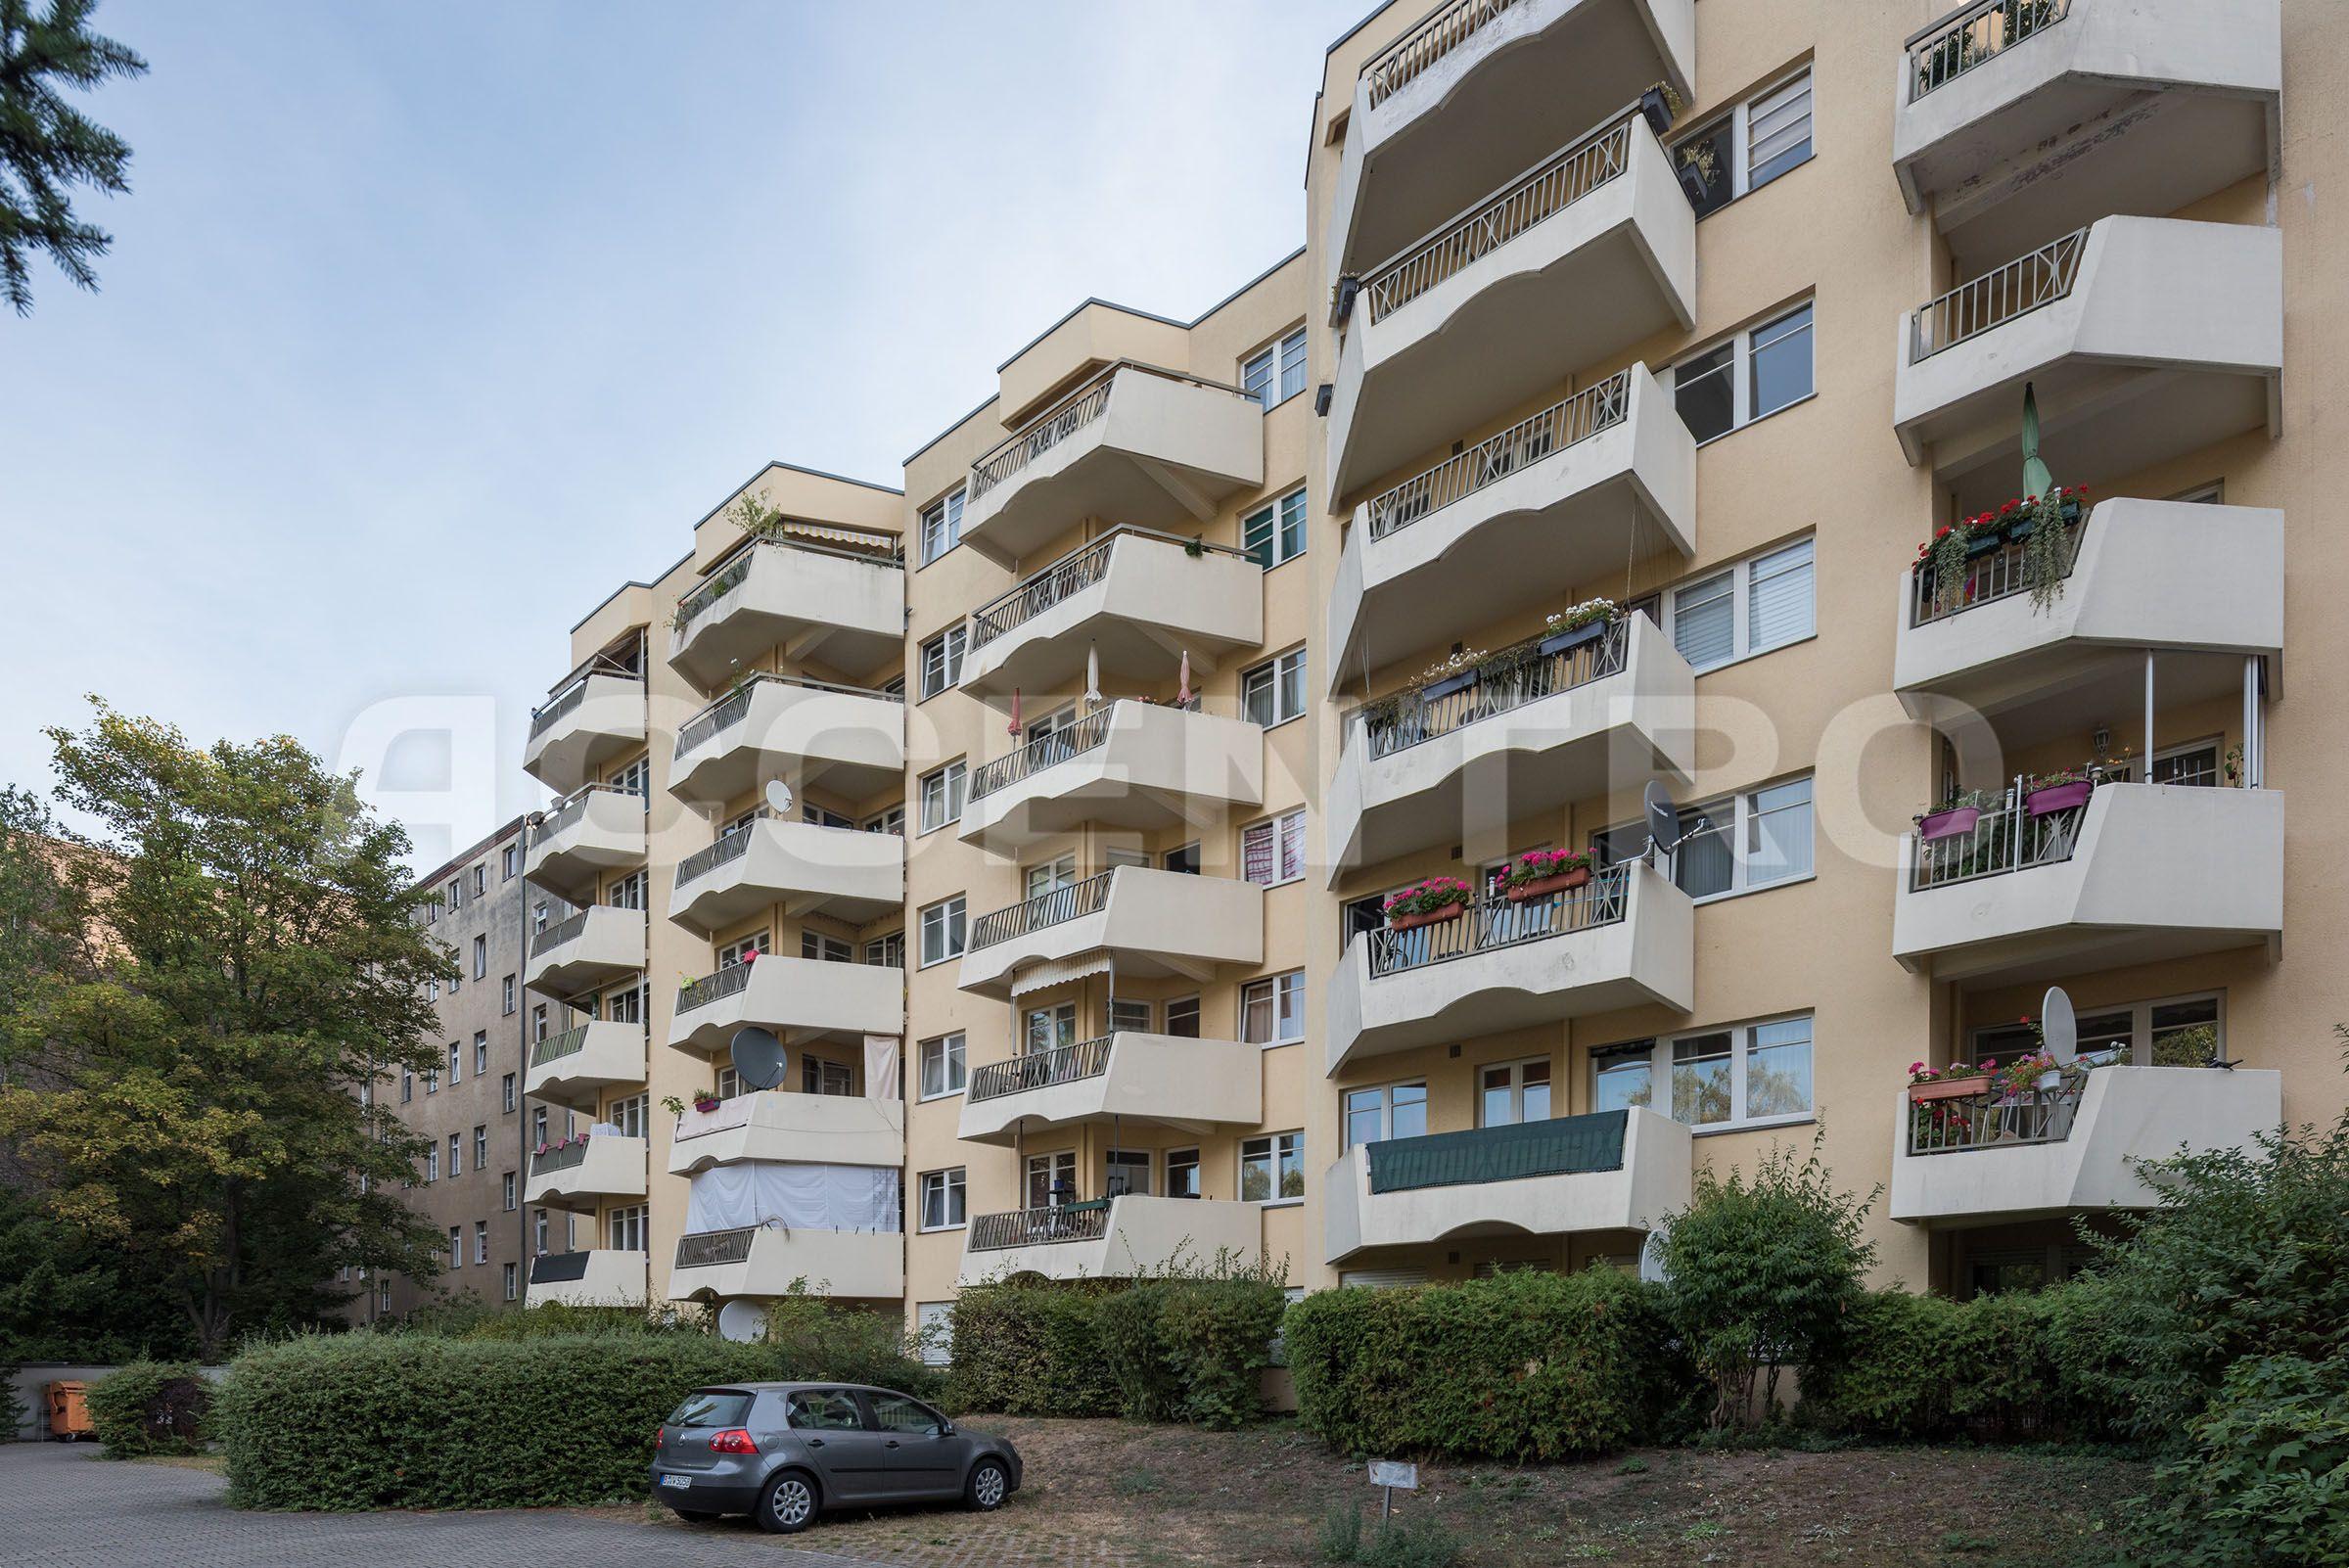 Eigentumswohnung In Der Wintersteinstrasse 7 9 In Berlin Charlottenburg Wohnung Kaufen Eigentumswohnung Wohneigentum